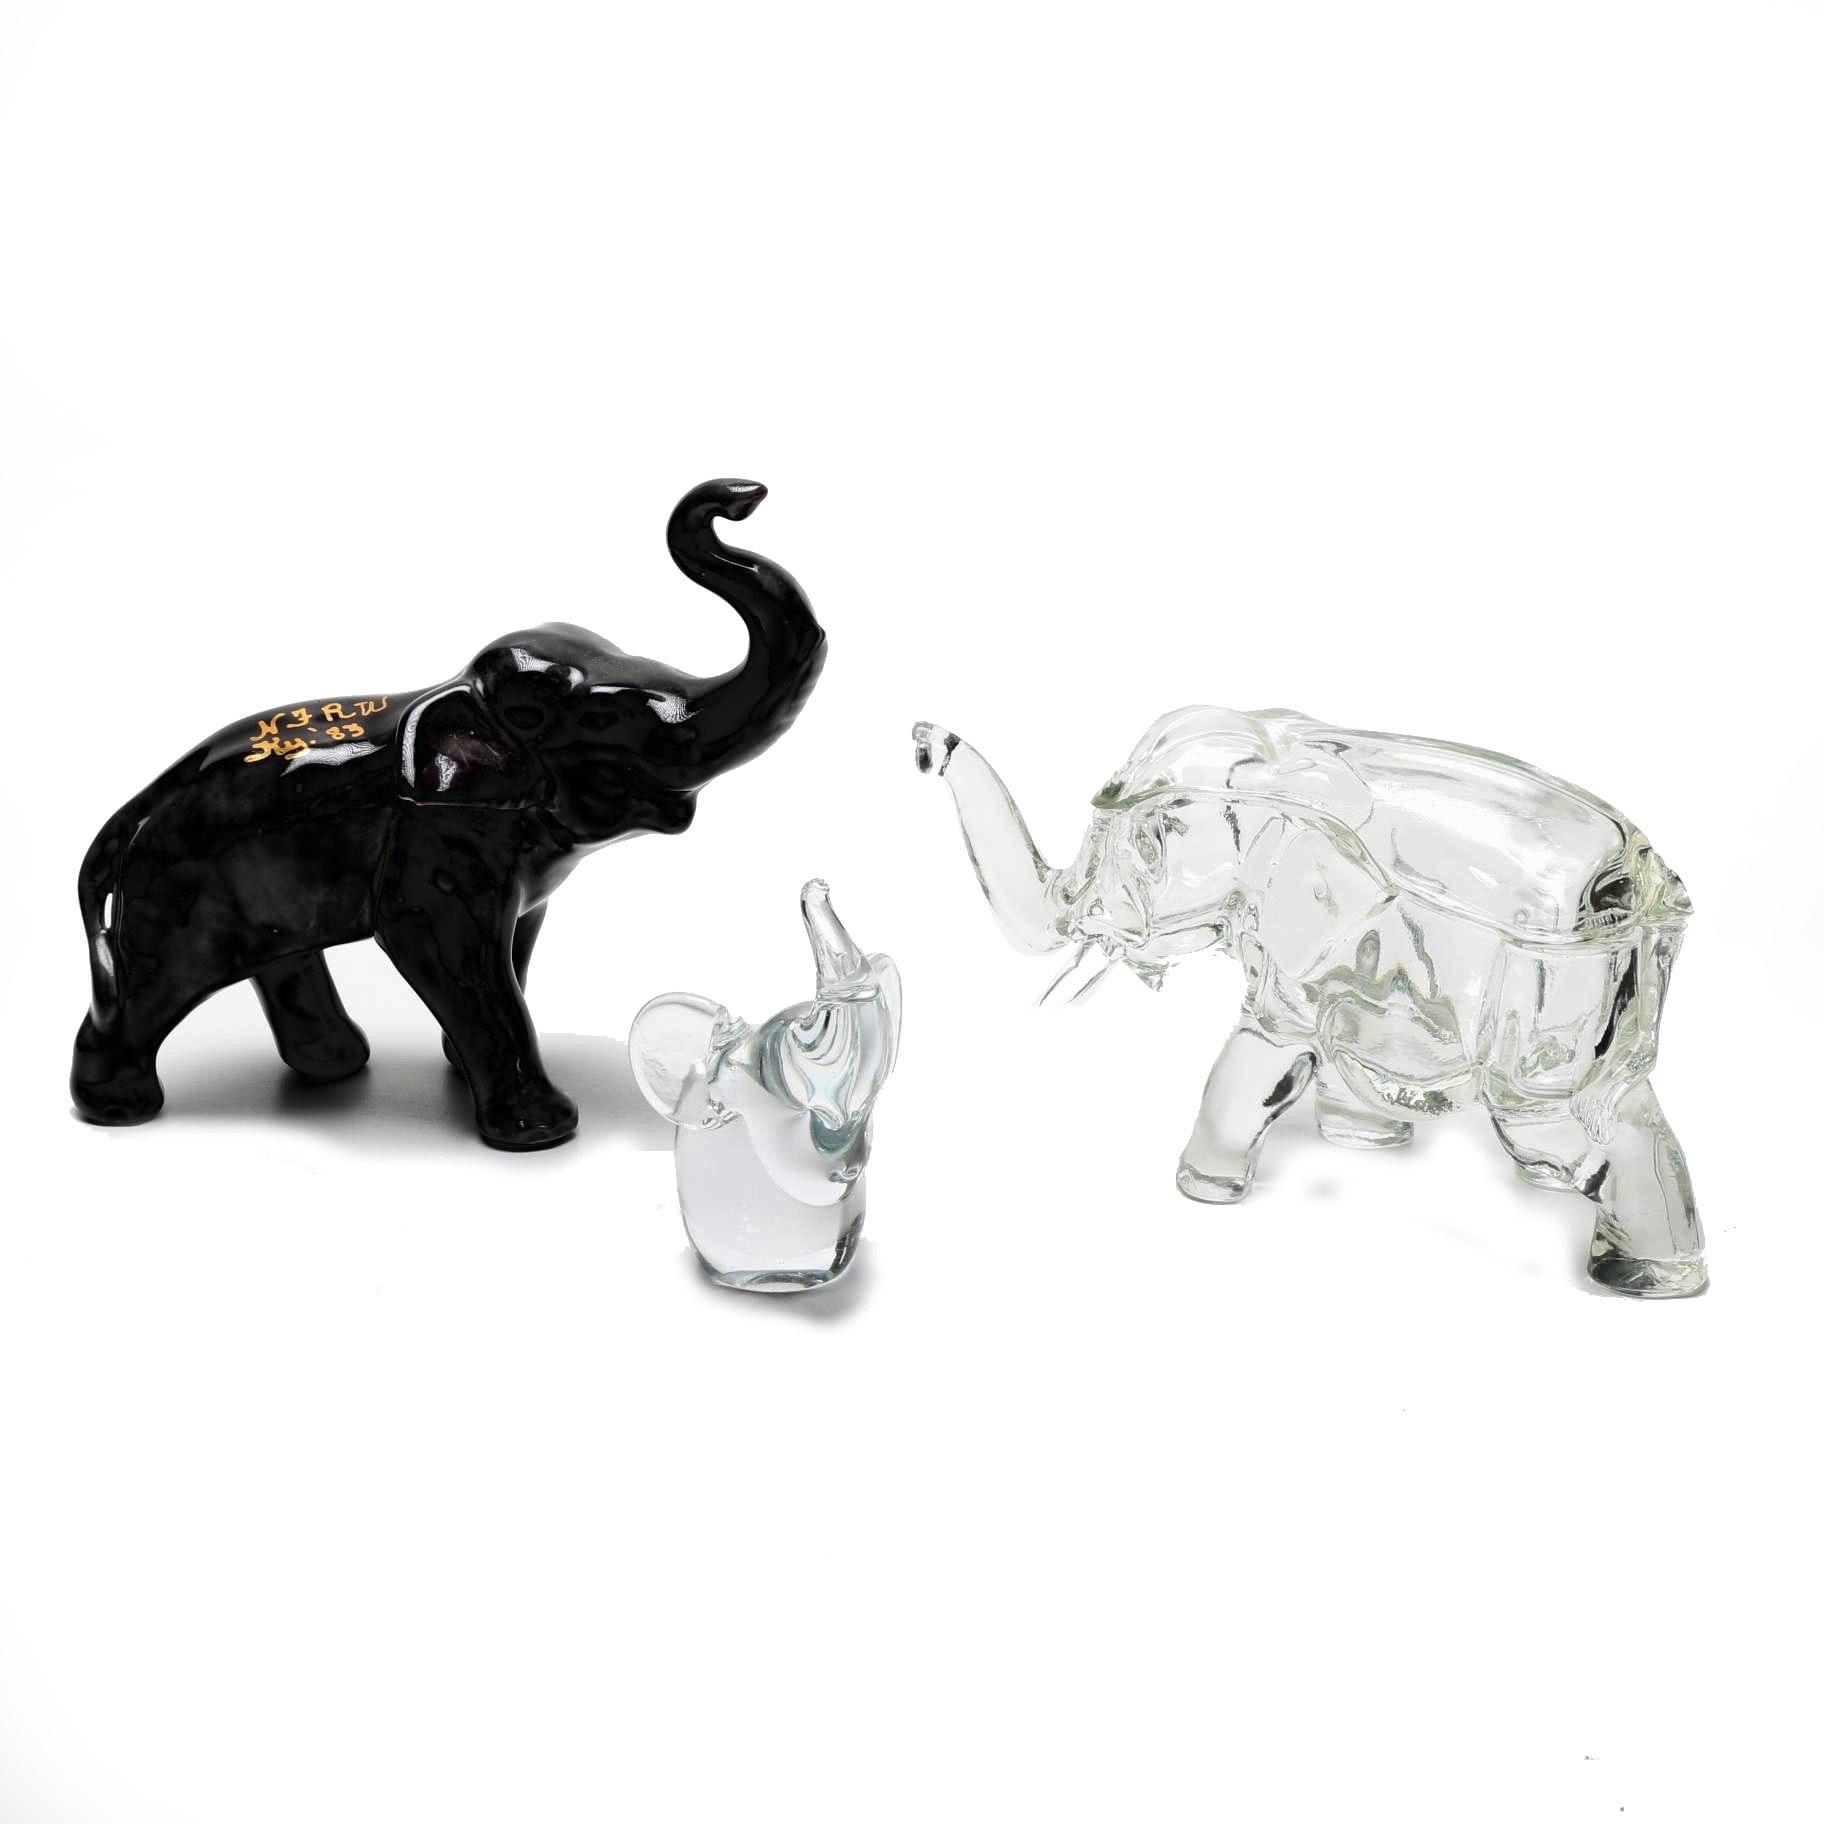 Glass and Ceramic Elephant Figurines